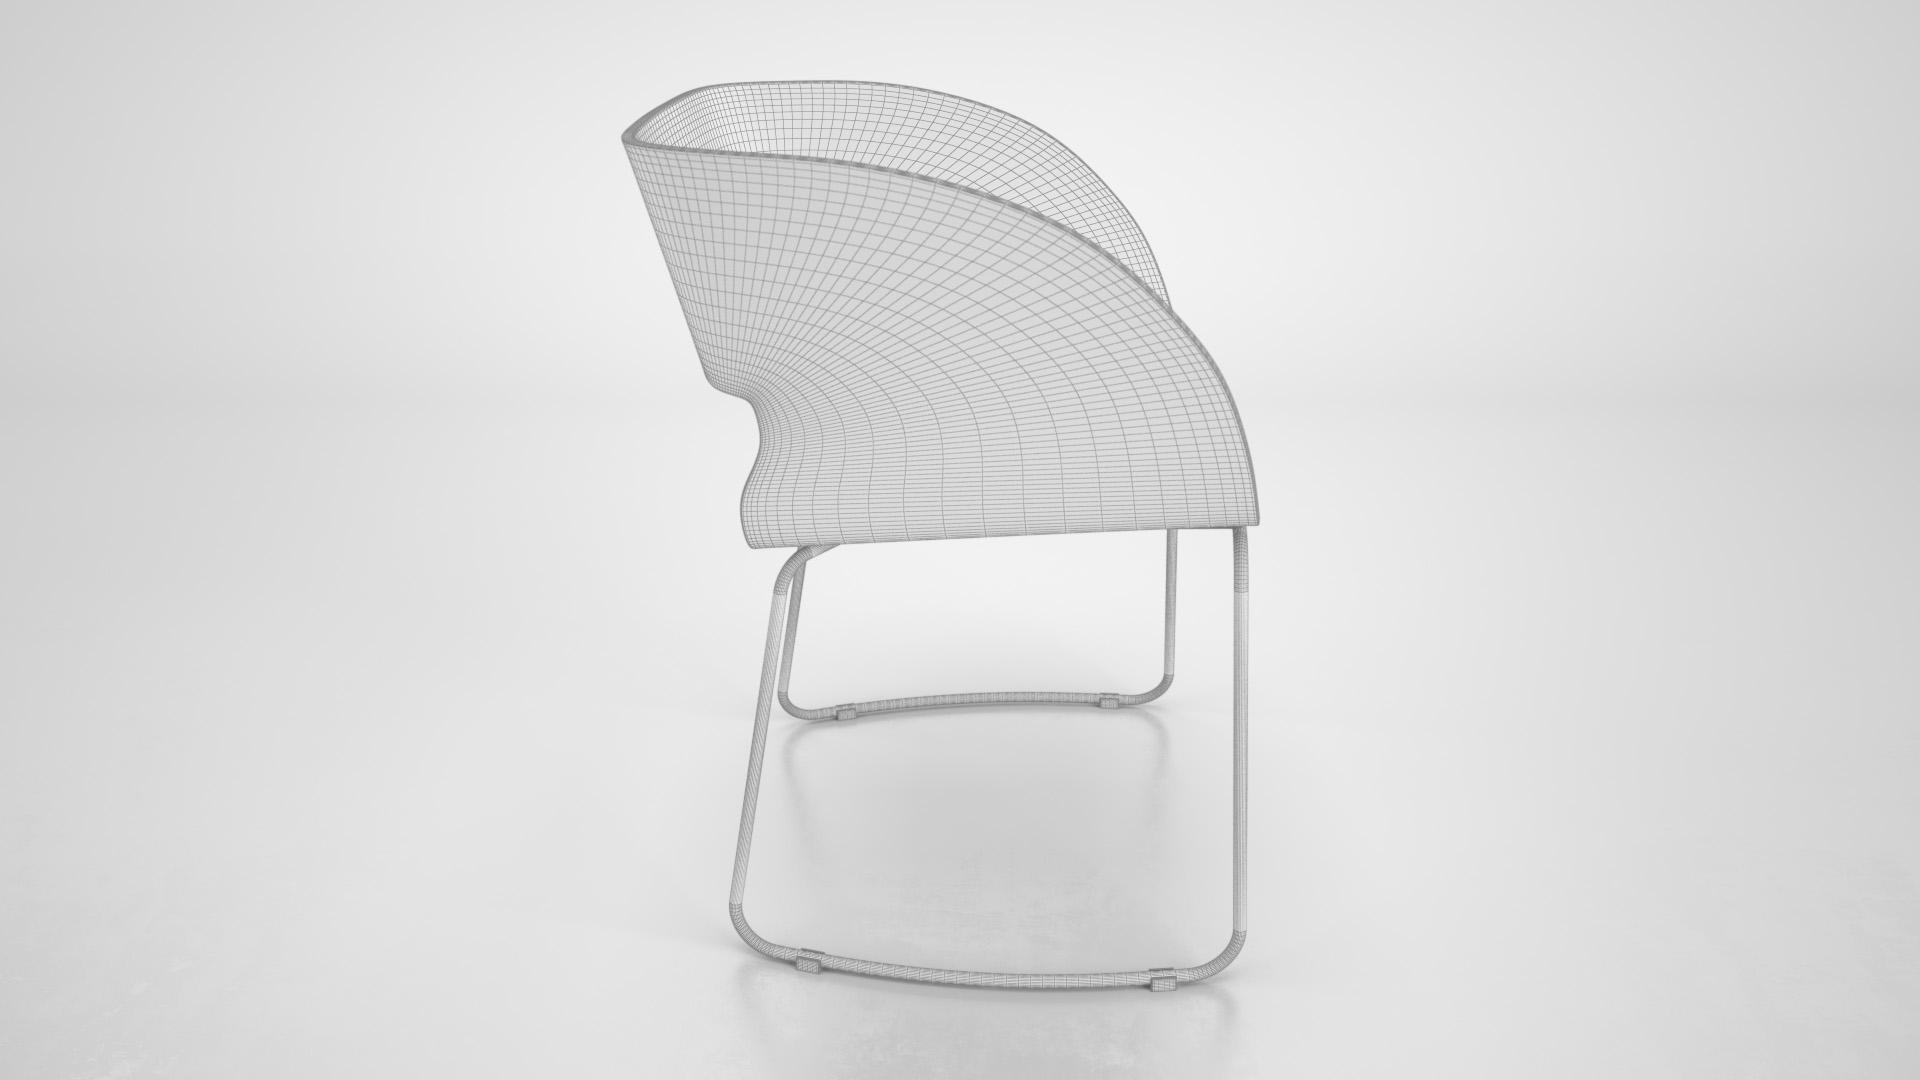 Vintage_Chair_SledLegs_WhiteSet_01_wire_0002